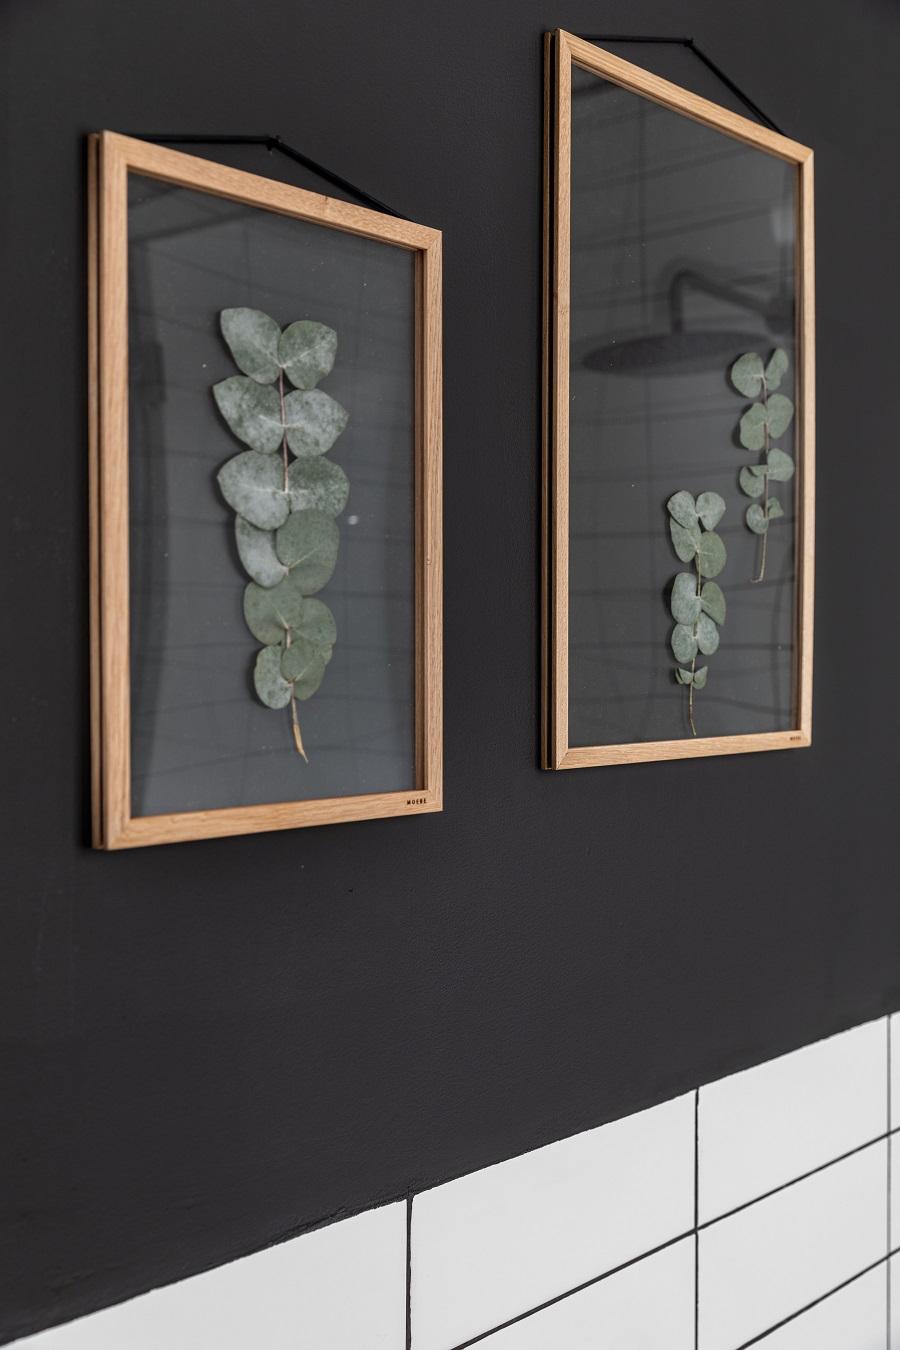 עיצוב בטי יעקובסון | צילום אורית ארנון